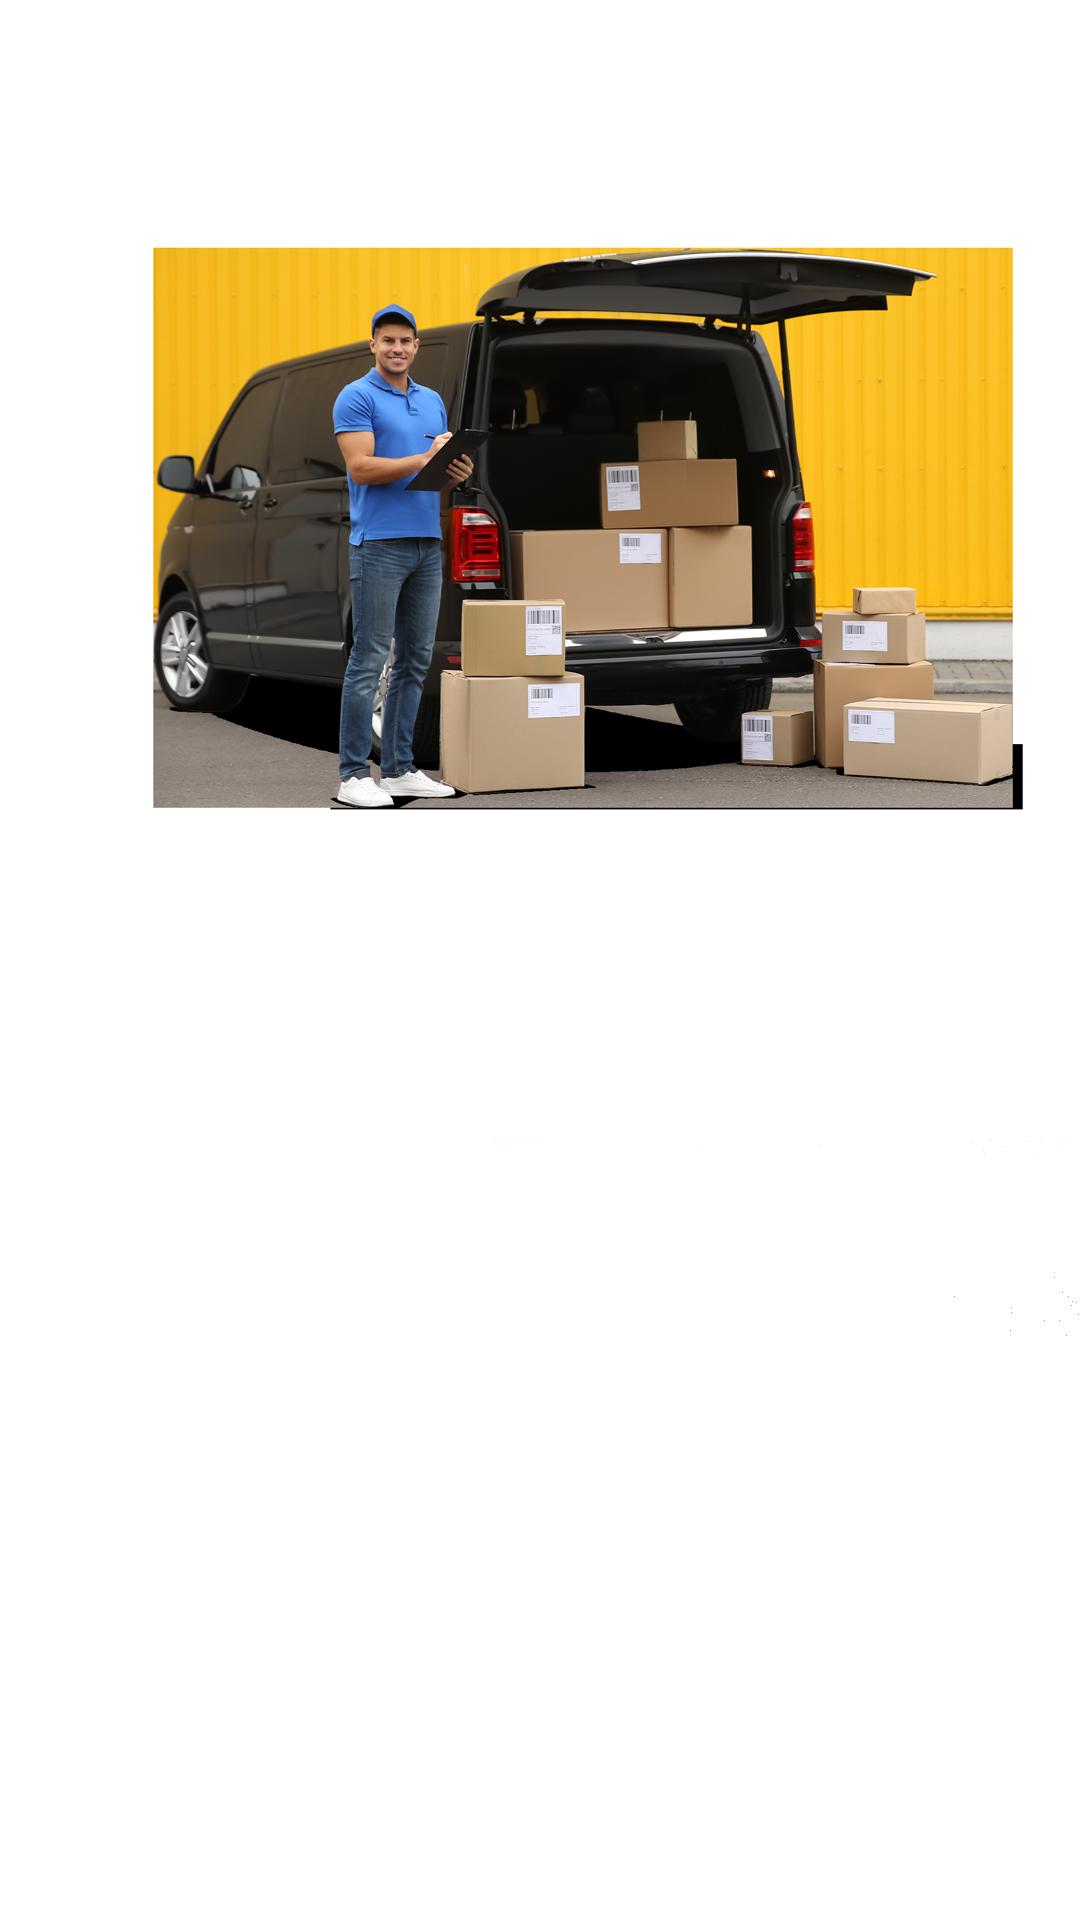 Entregador parceiro Loggi carregando seu veículo com caixas para serem entregues em todo o Brasil